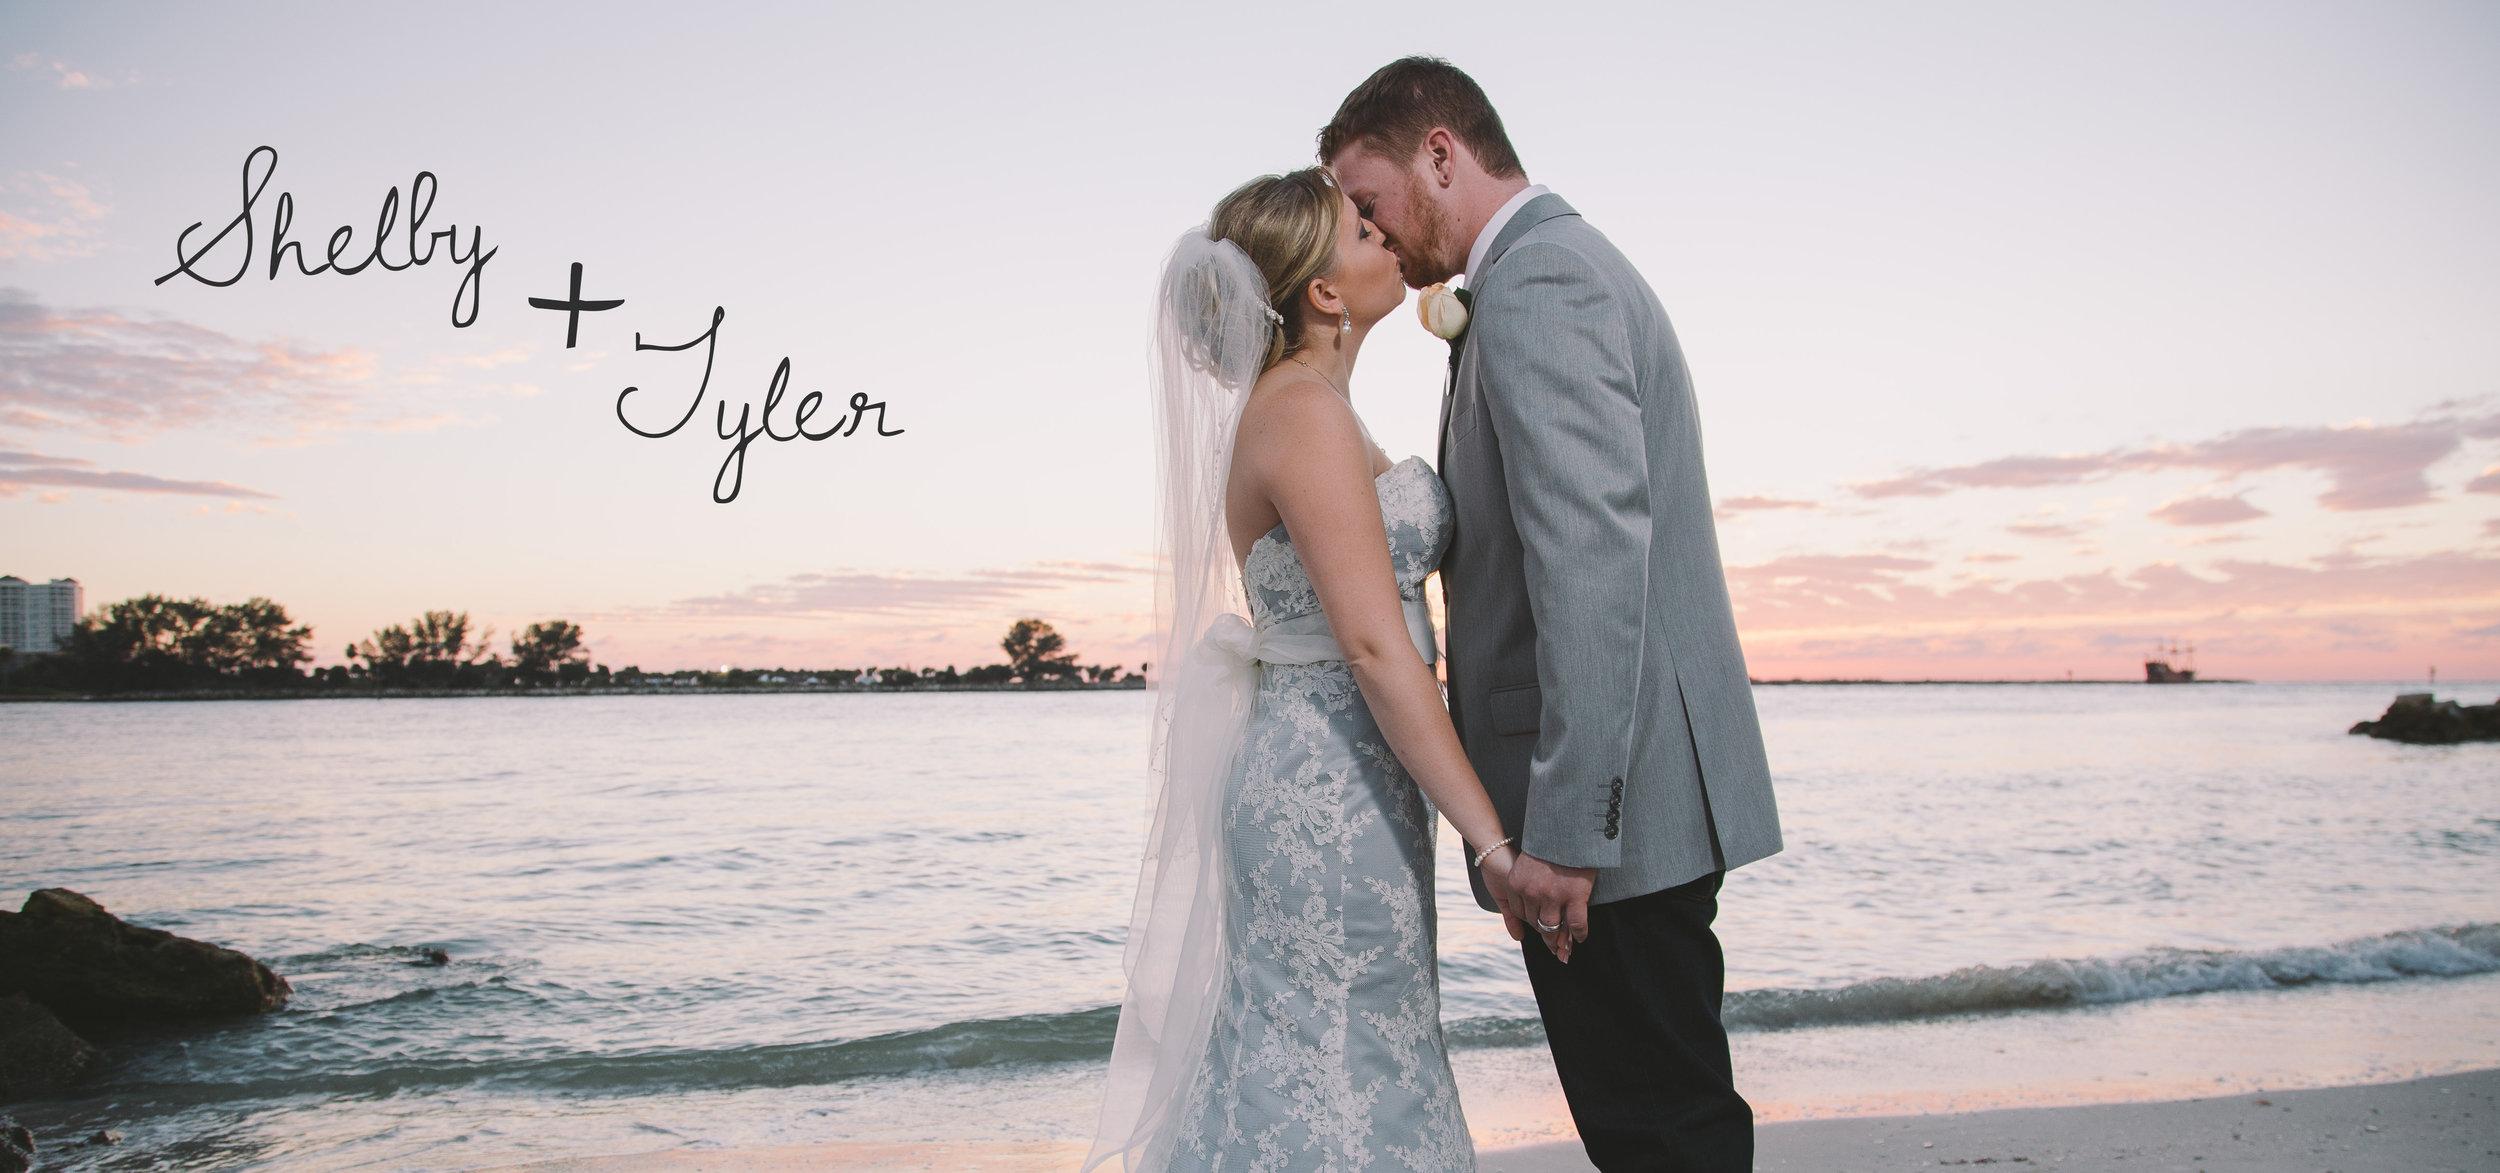 Shelby Tyler blog header (1).jpg